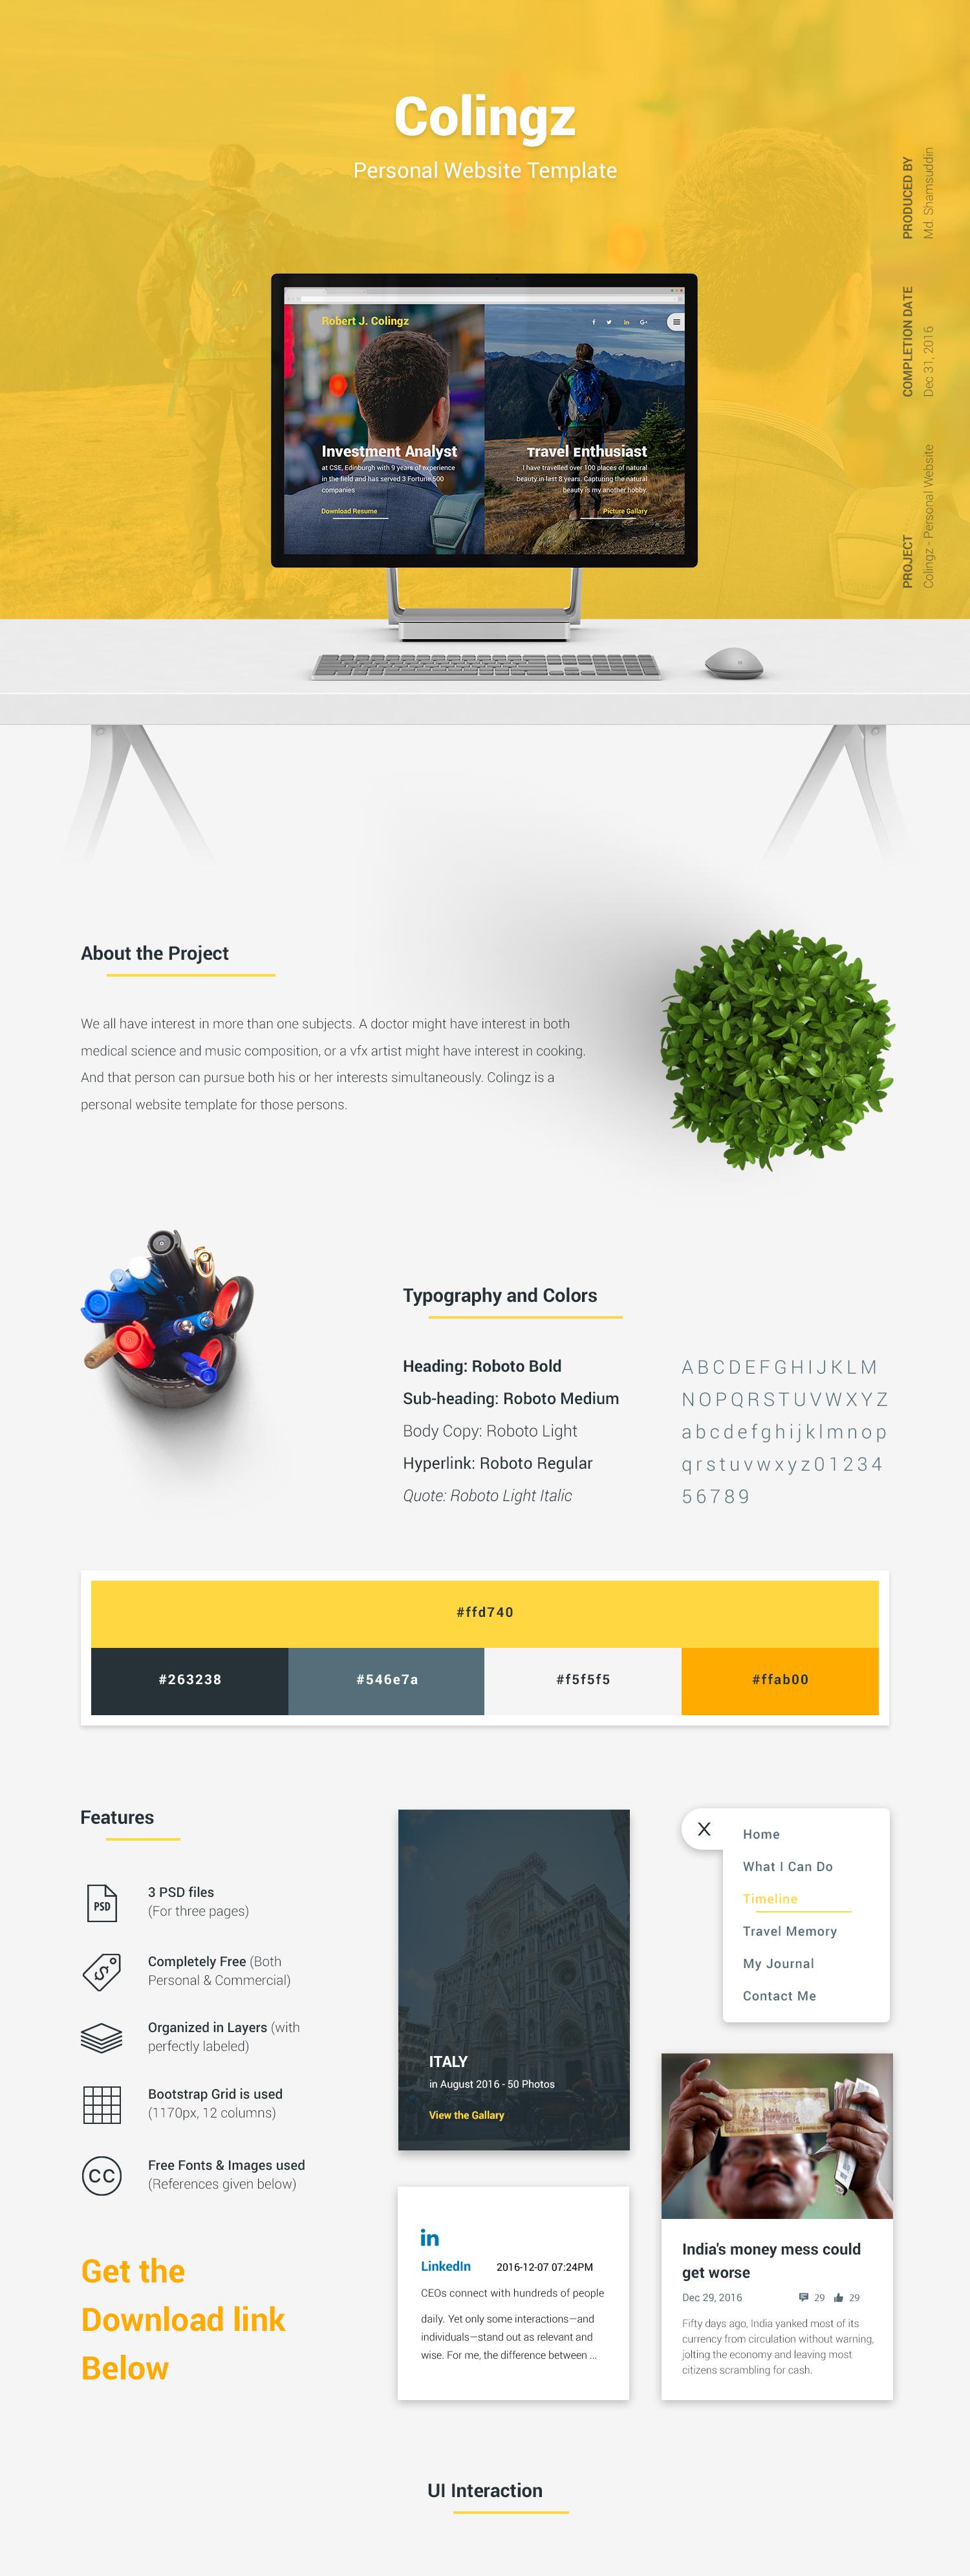 Colingz-好看的个人网站模板 psd素材下载 网页模板-第1张